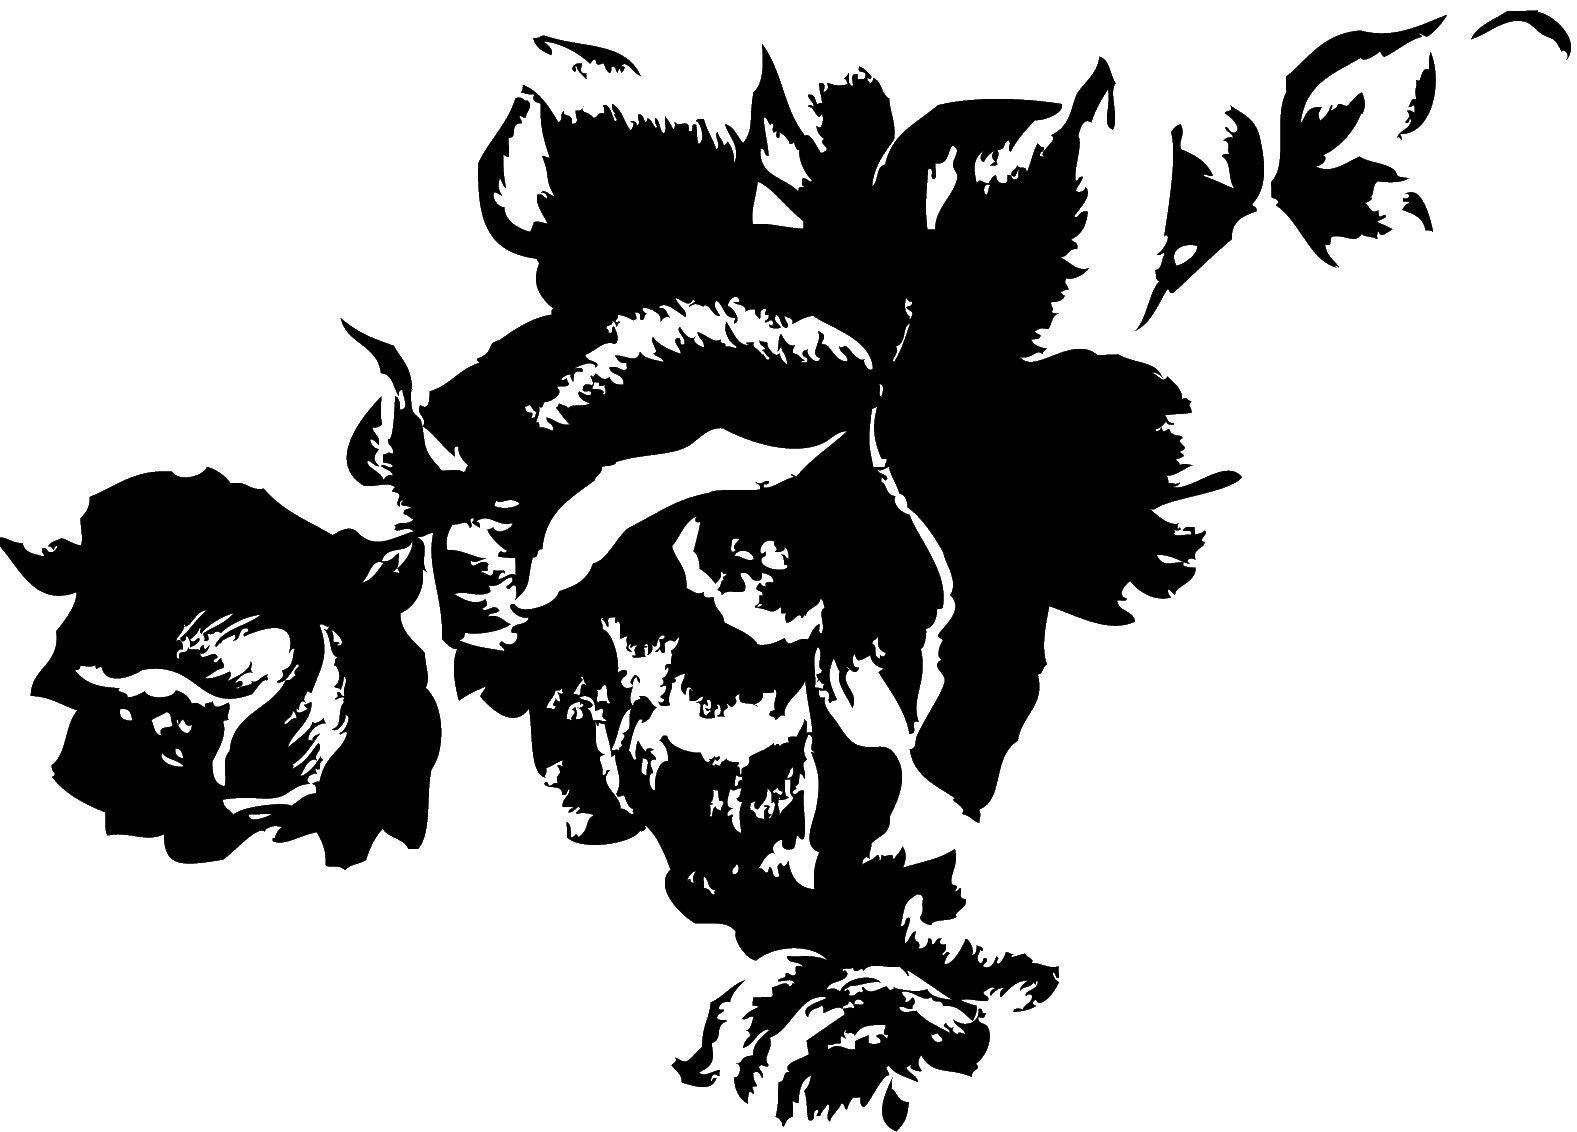 白黒の花のイラスト-版画風のバラ | こーひー | pinterest | 花の